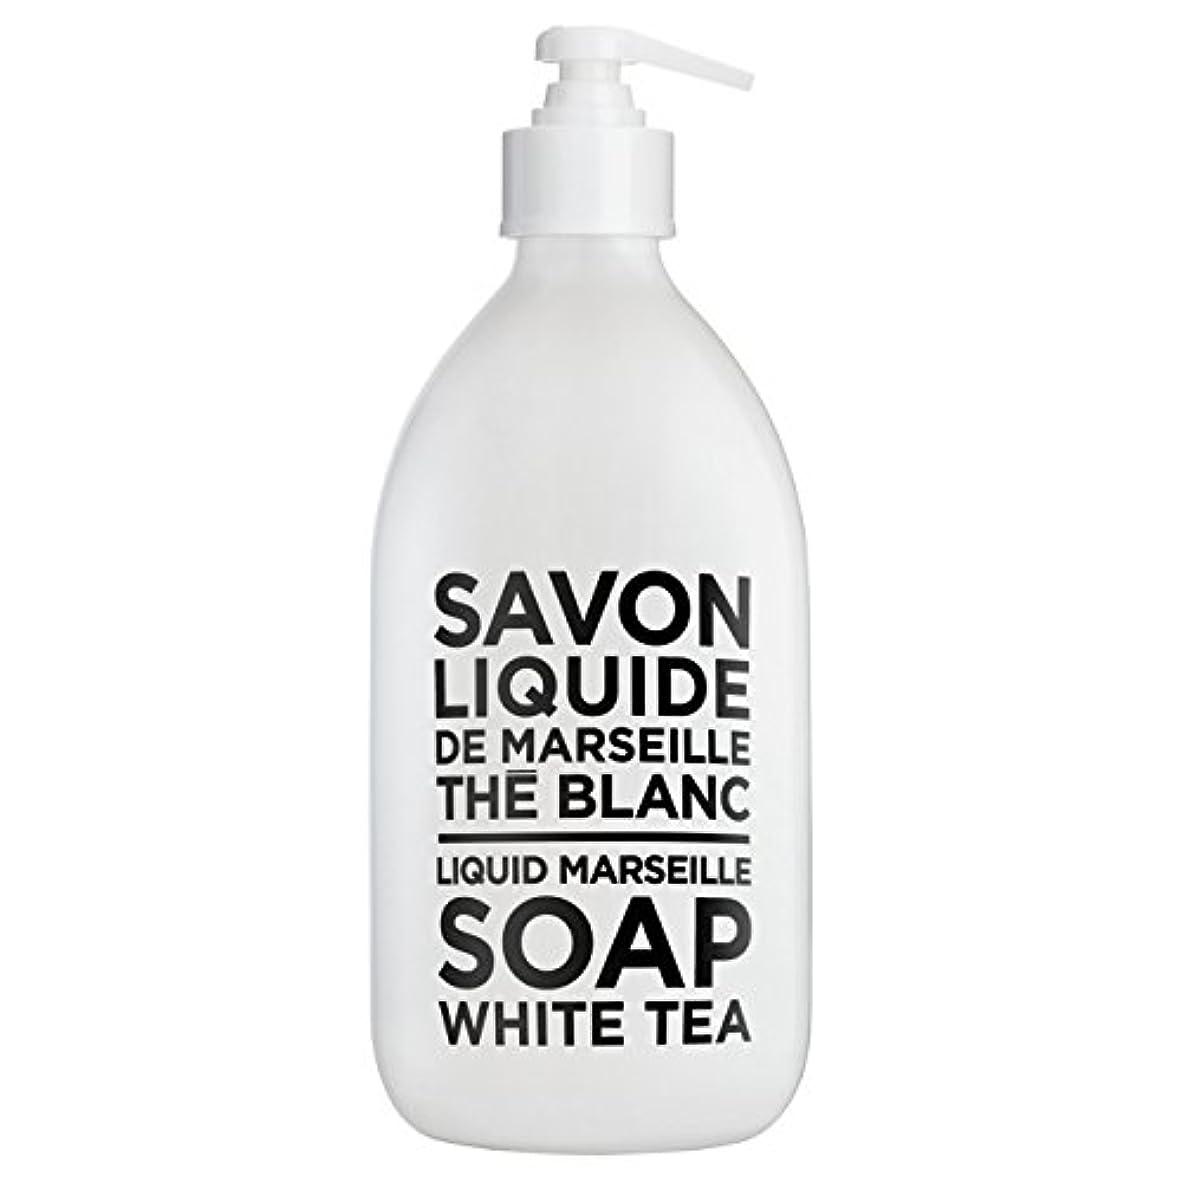 コンテンツはがきお風呂を持っているカンパニードプロバンス ブラック&ホワイト リキッドソープ ホワイトティー(ホワイトティーにシトラスを添えた気品ある香り) 500ml